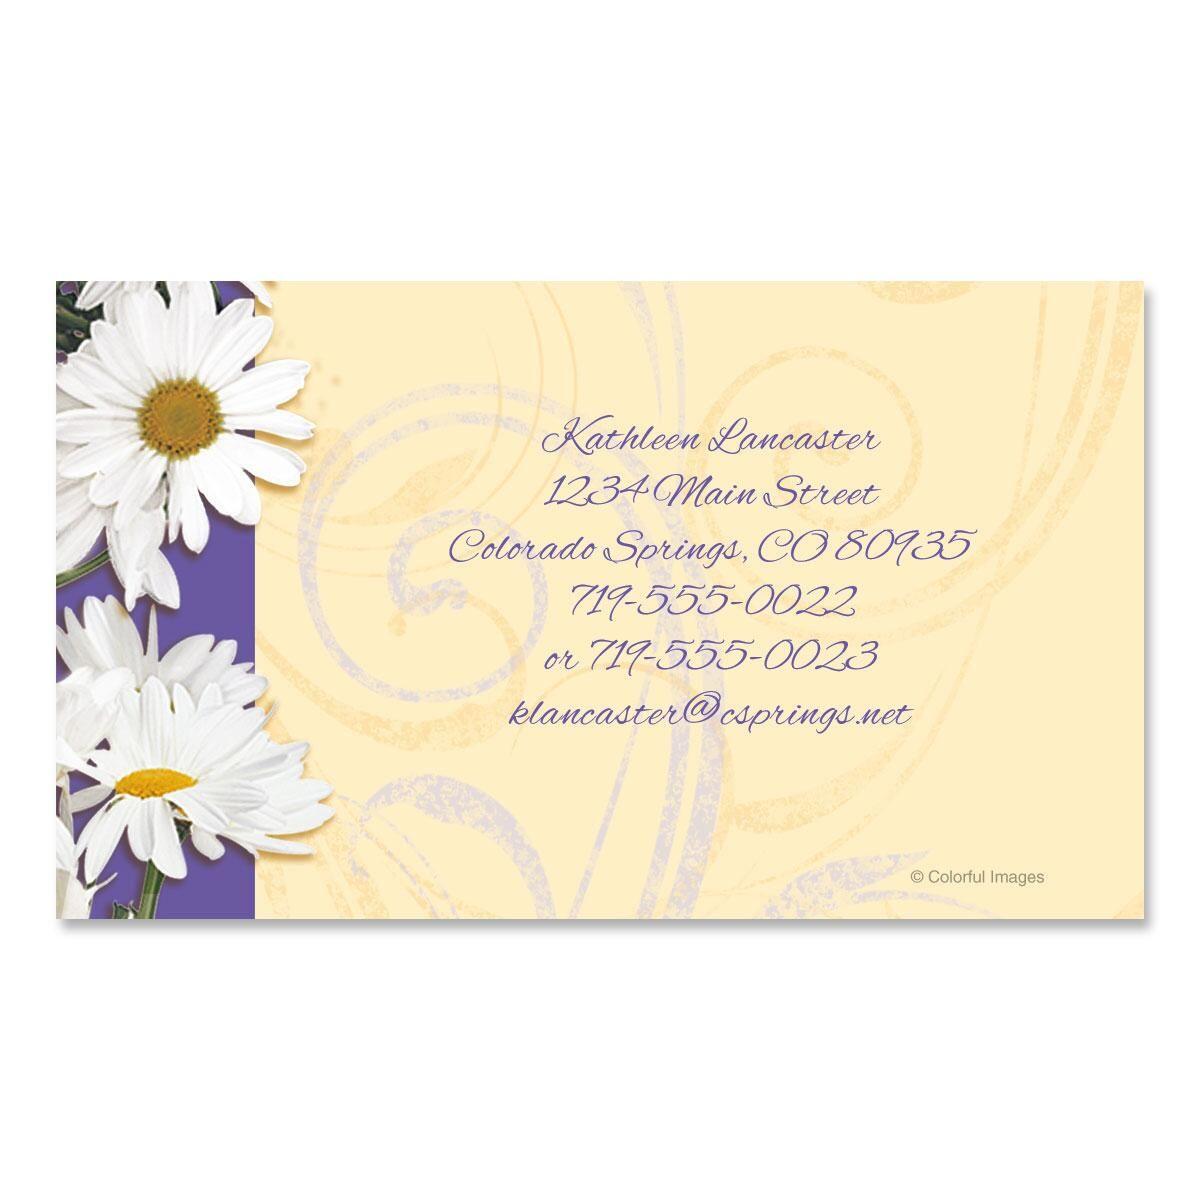 Daisy Dance Business Cards